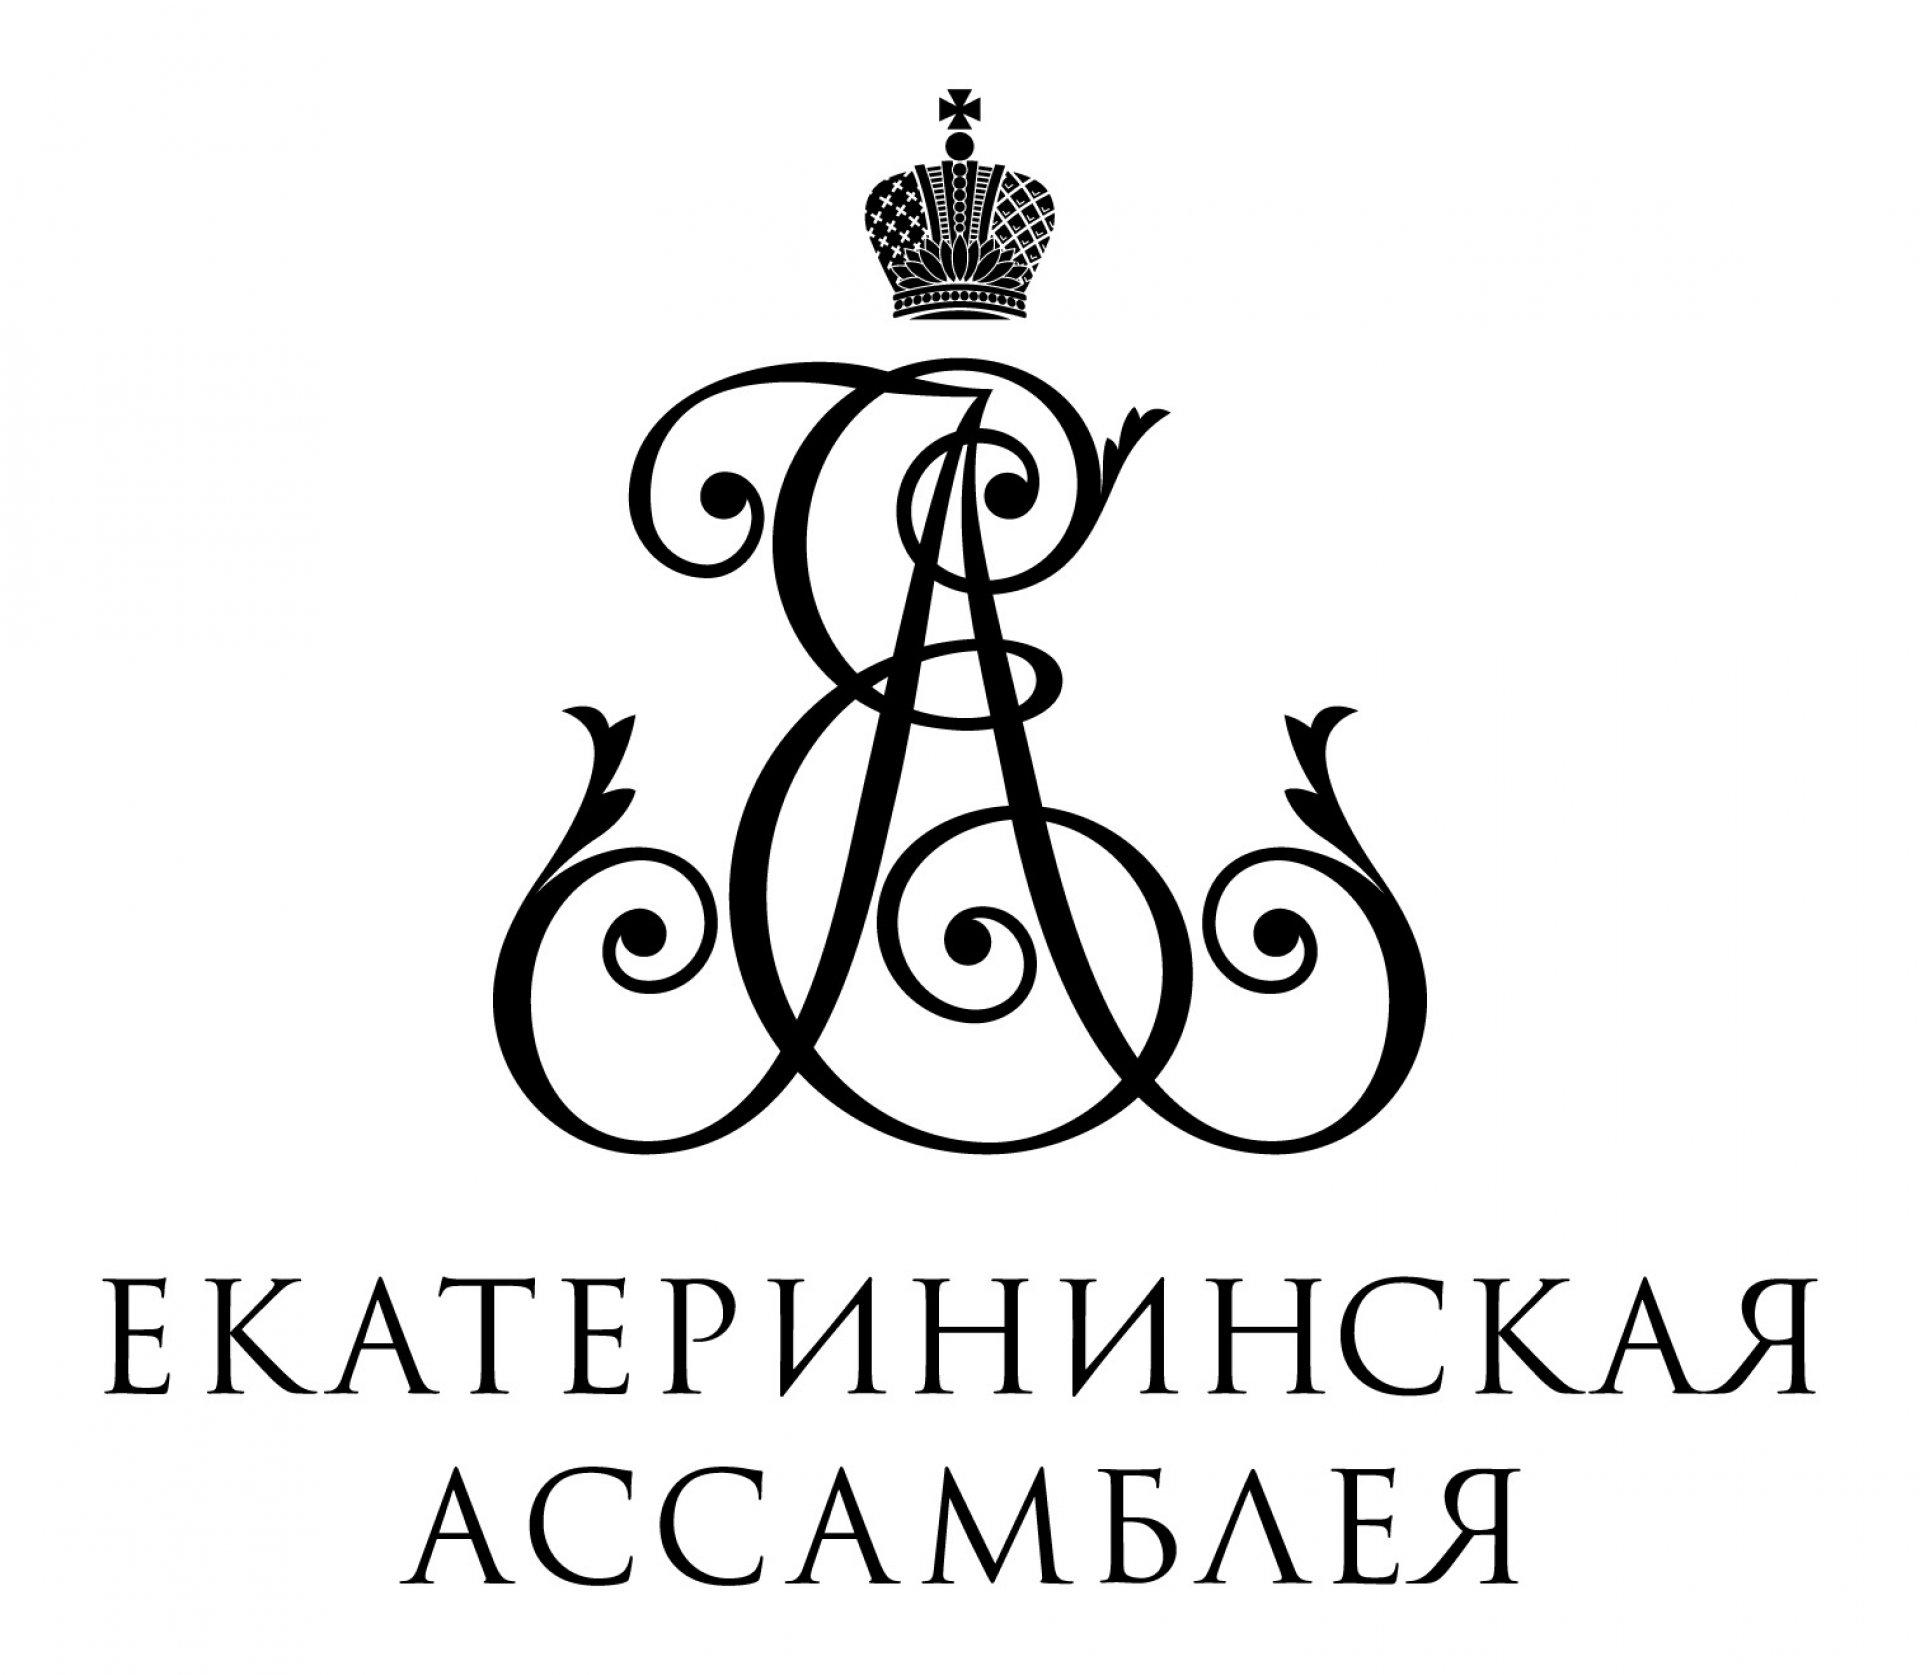 Благотворительный интернет-аукцион в рамках проекта «Екатерининская ассамблея»